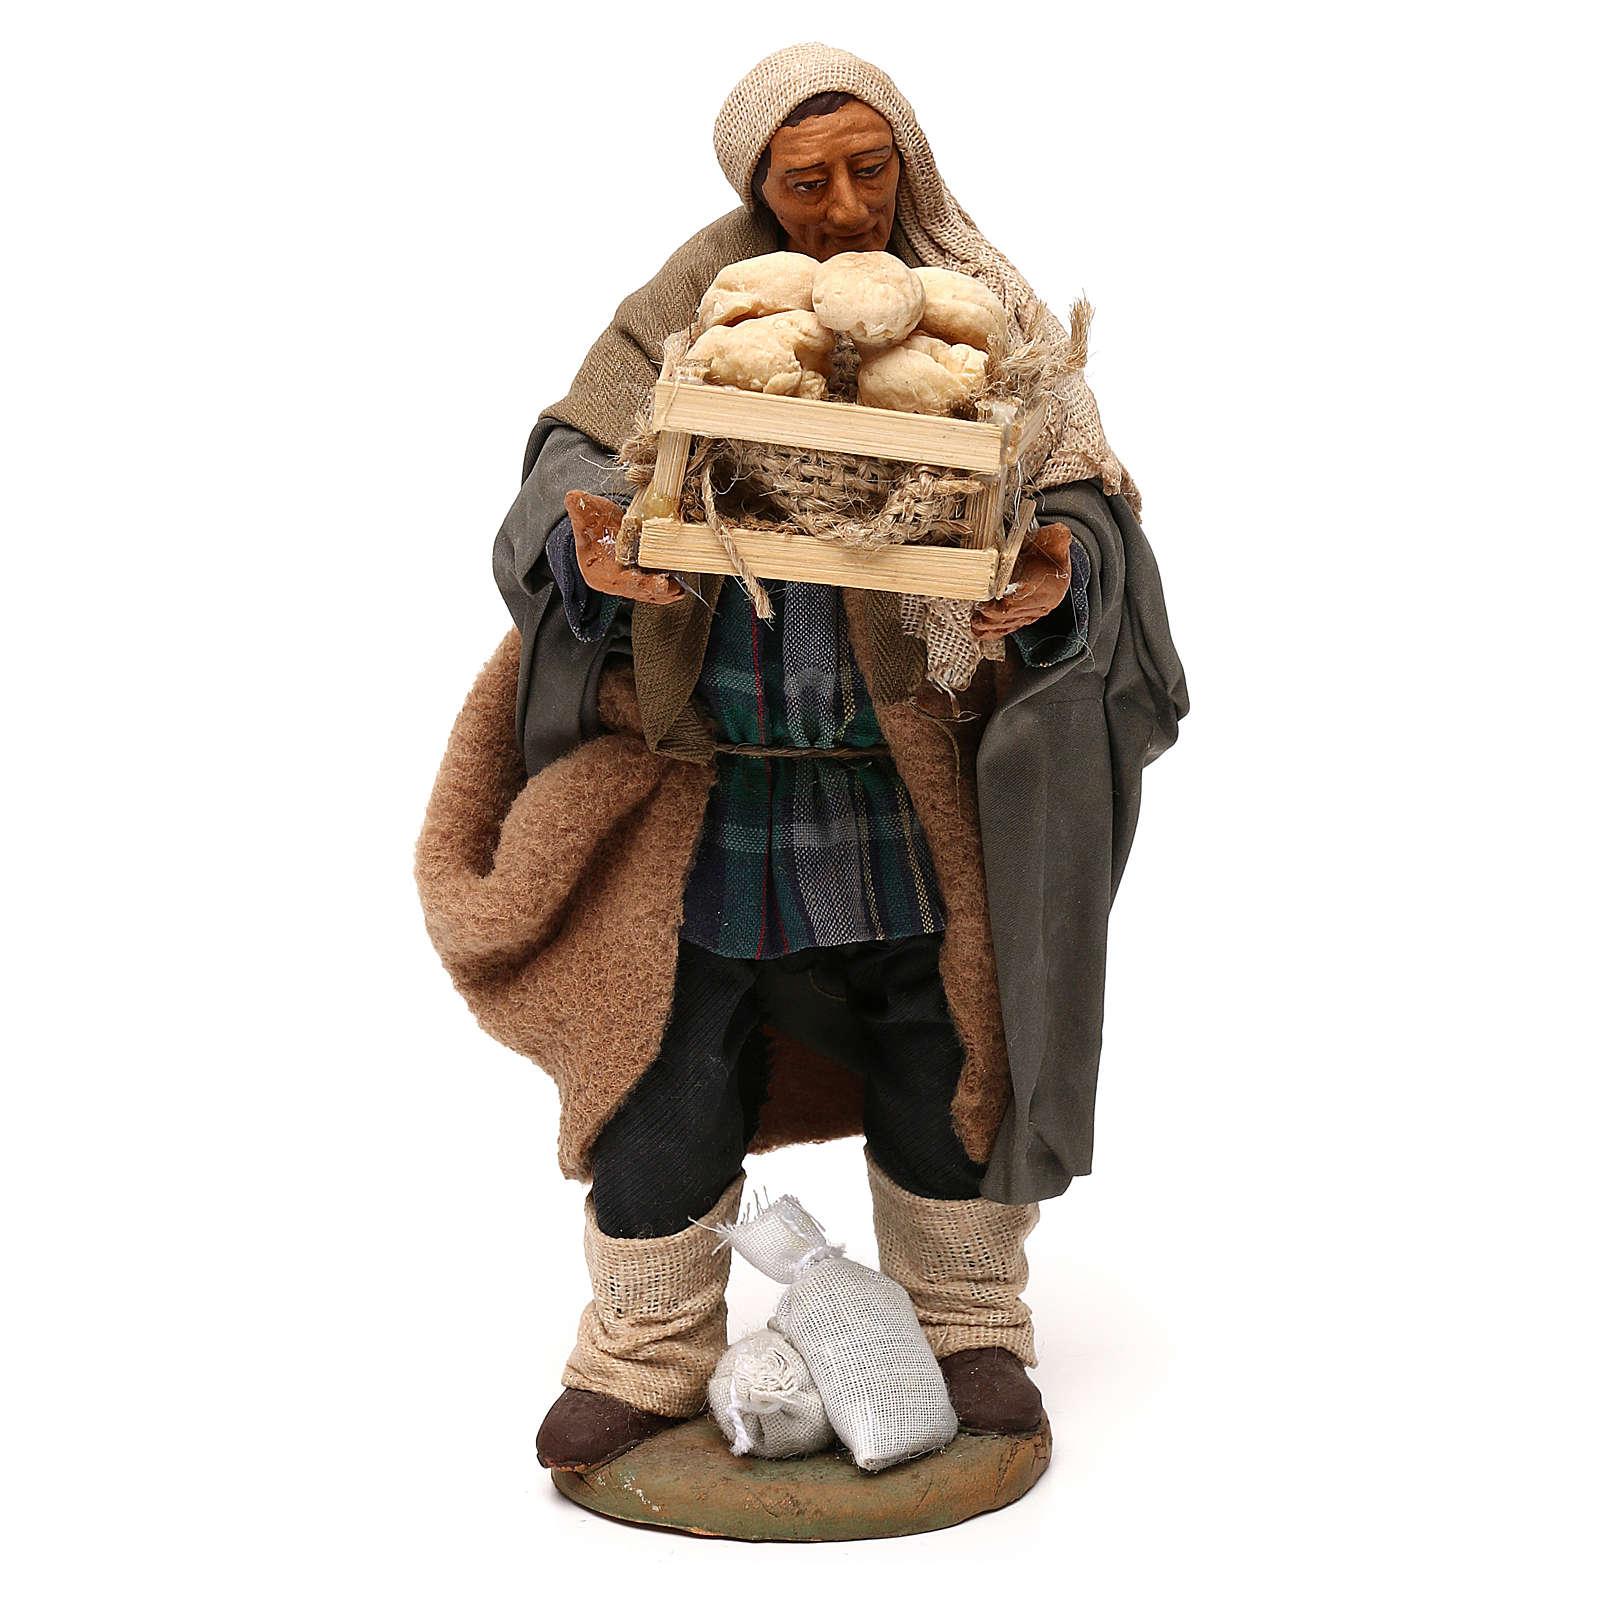 STOCK Pastore con pane vestito terracotta misura 18 cm presepe napoletano 4